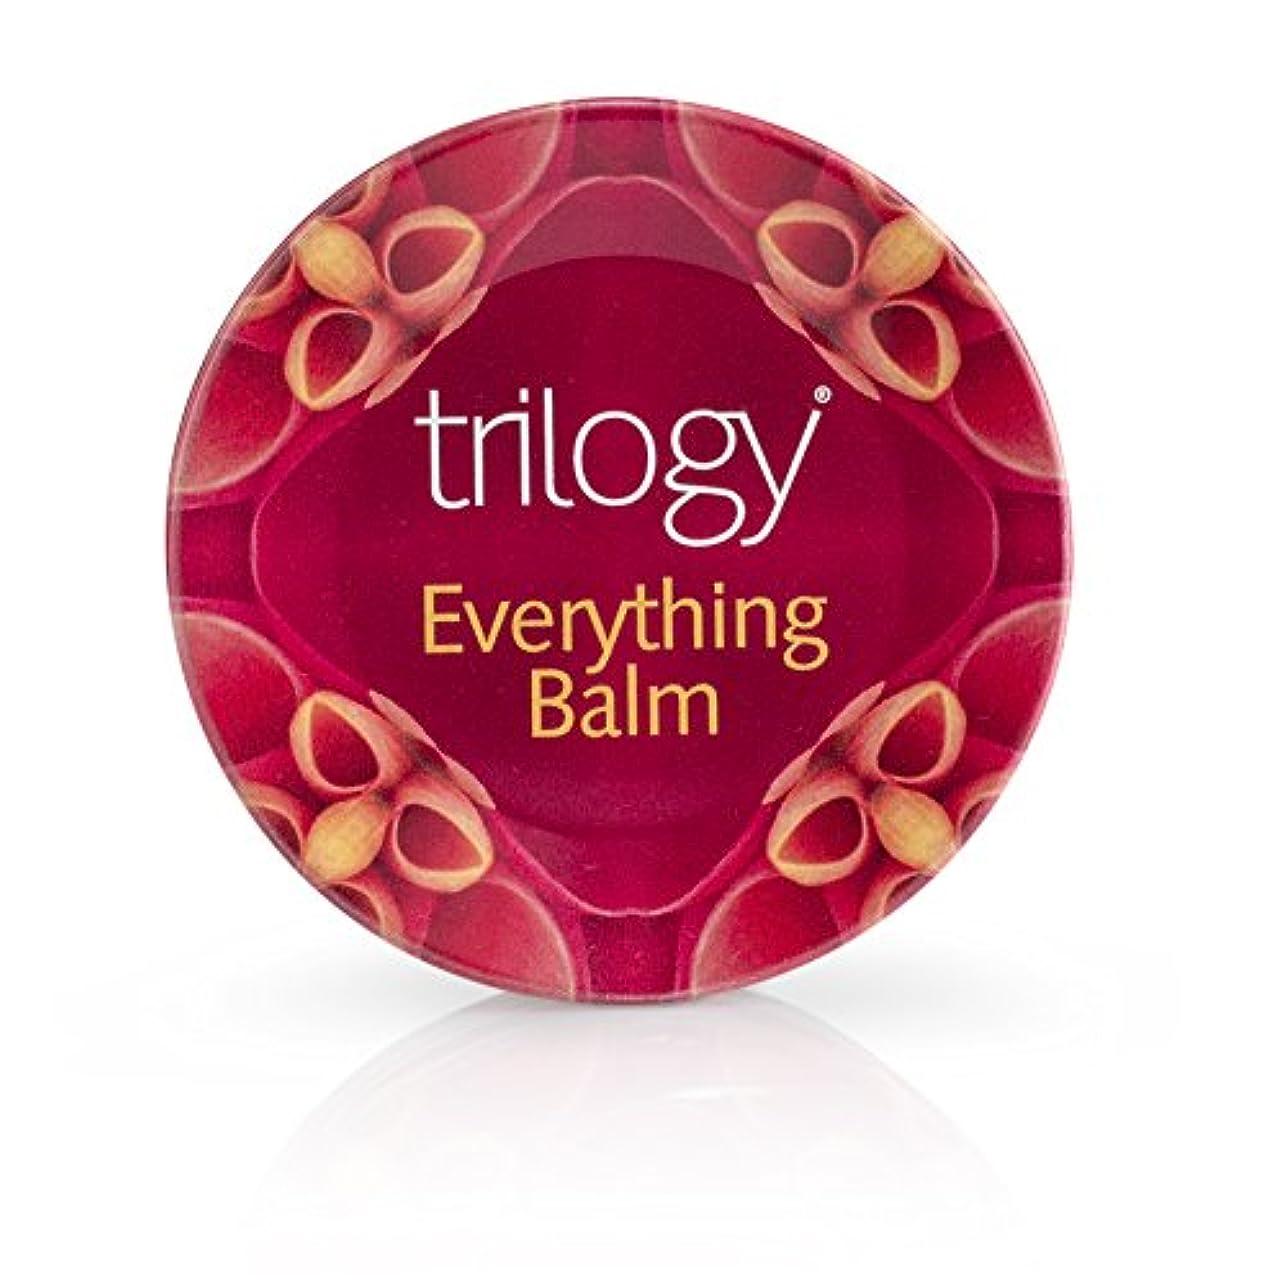 レイア枯れるヒットトリロジー(trilogy) エブリシング バーム 〈全身用バーム〉 (95mL)